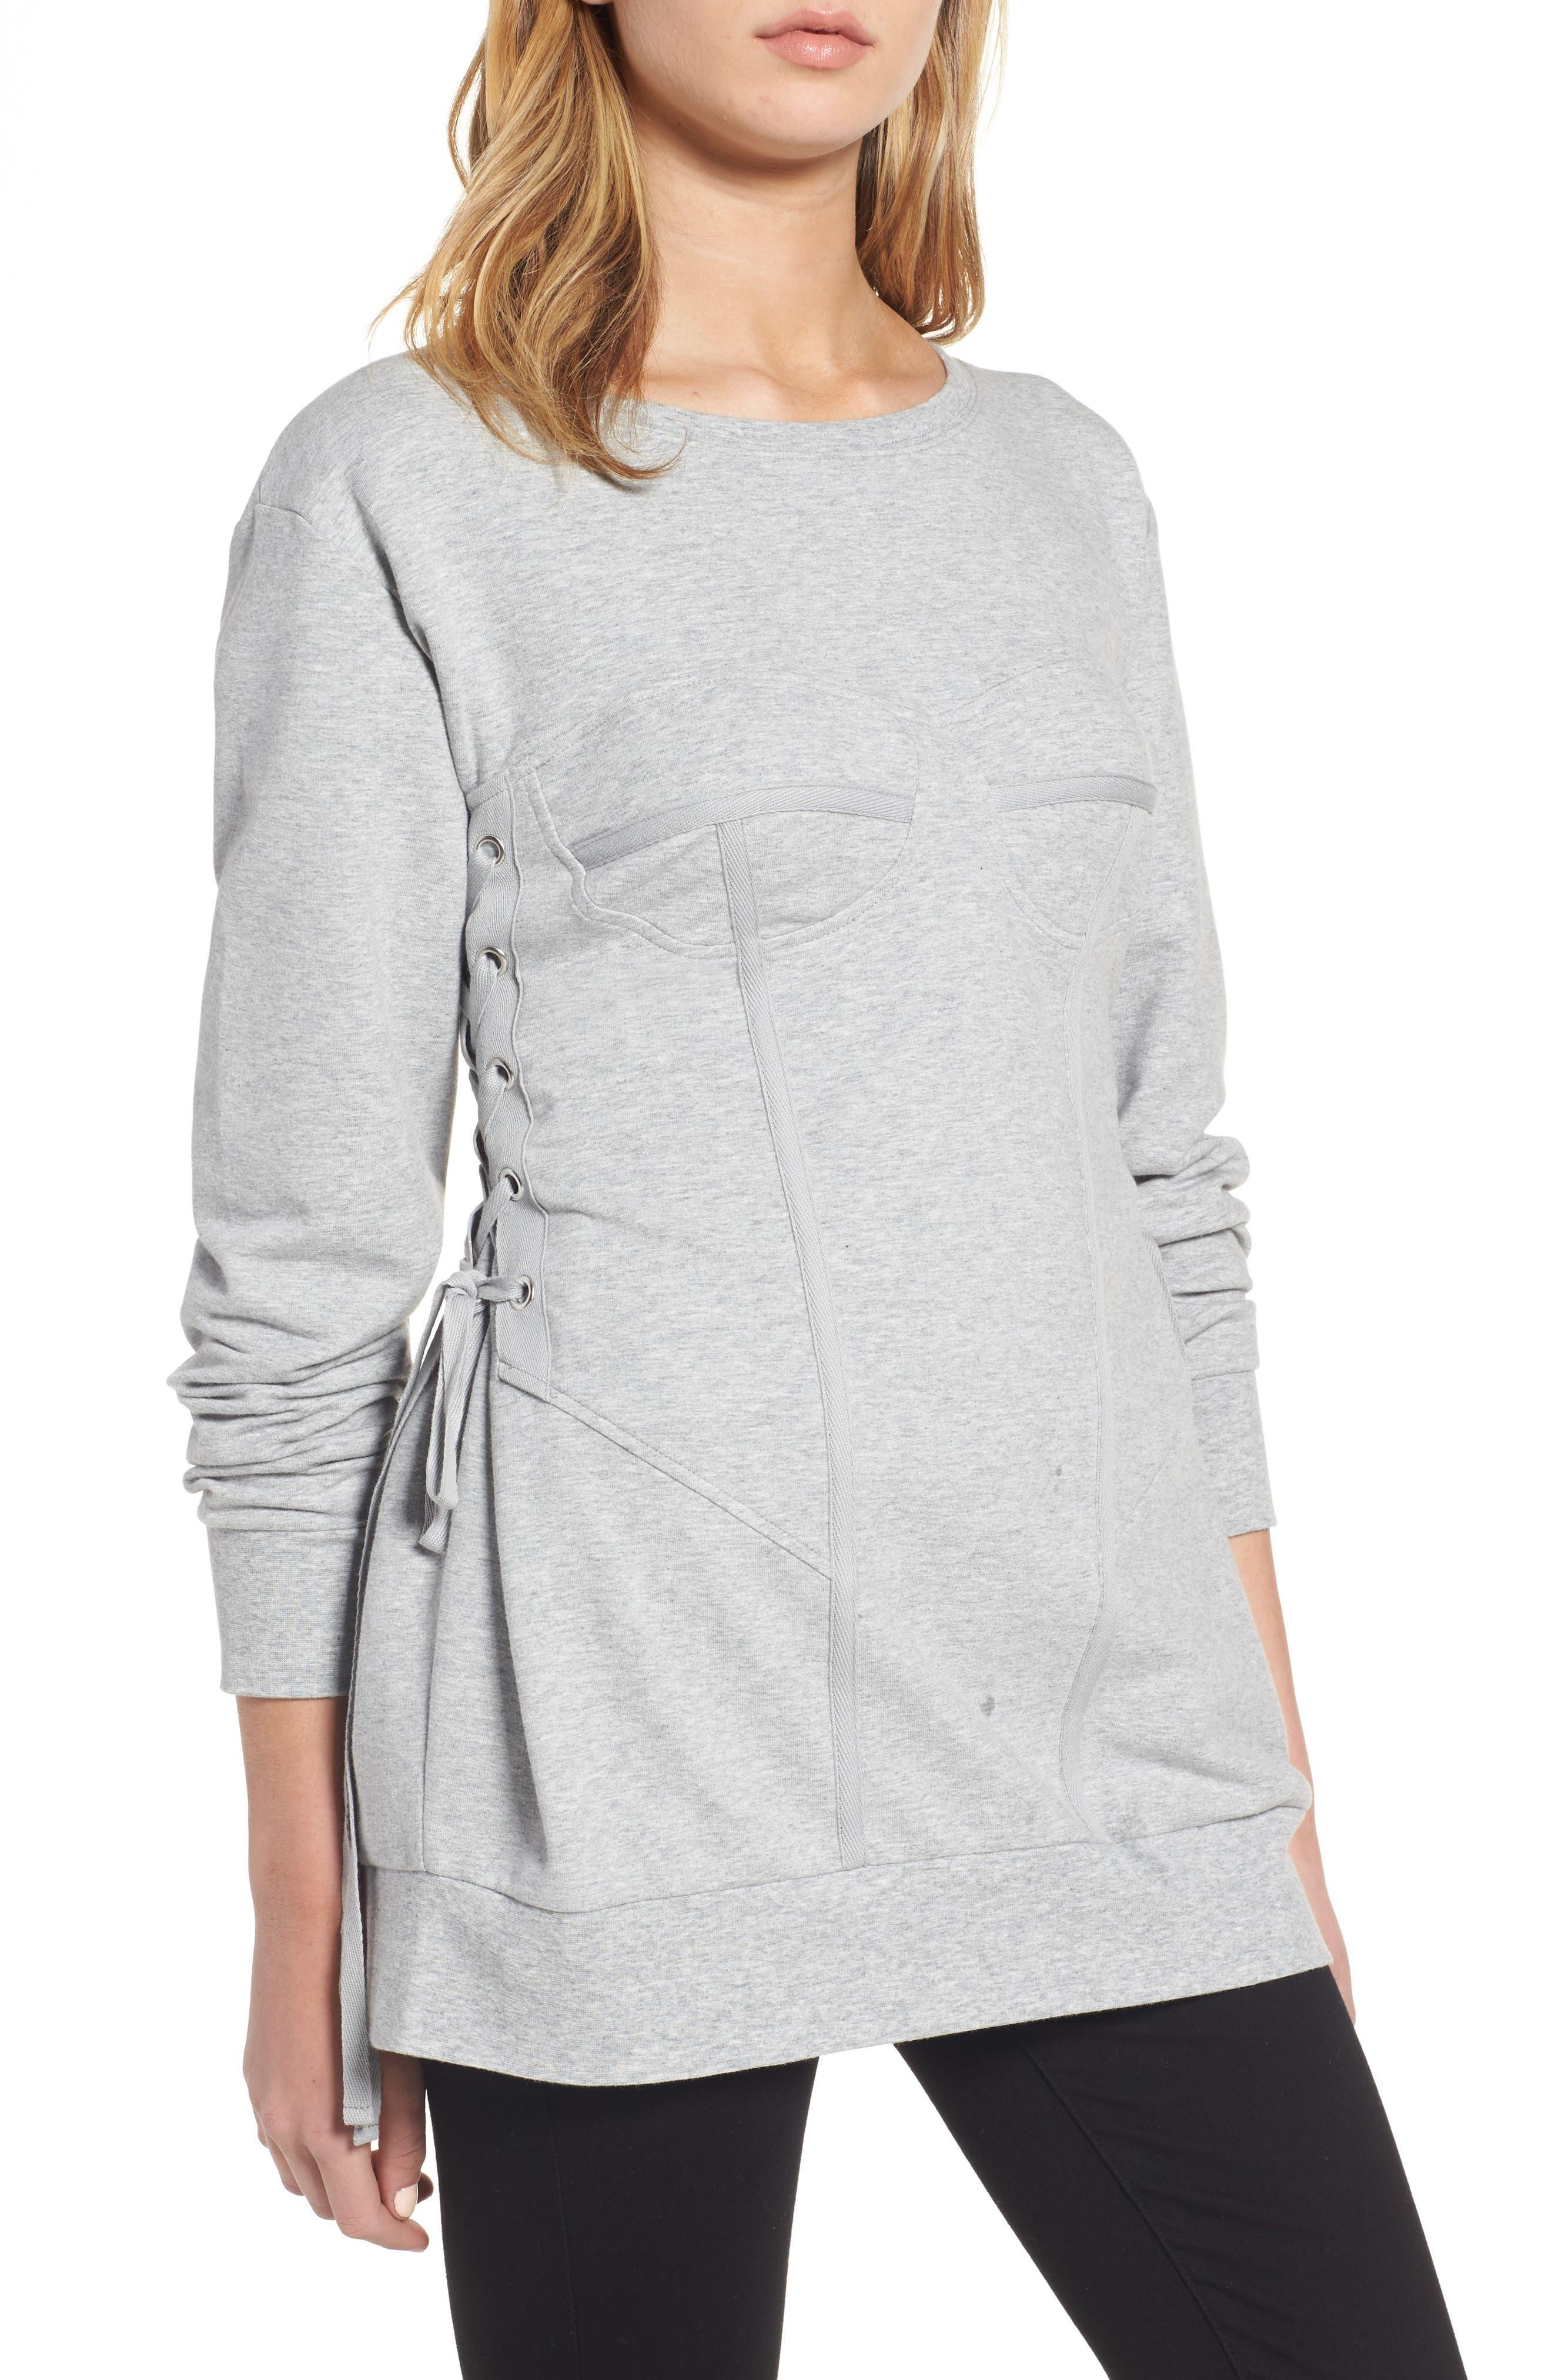 Alternate Image 1 Selected - Trouvé Corset Sweatshirt